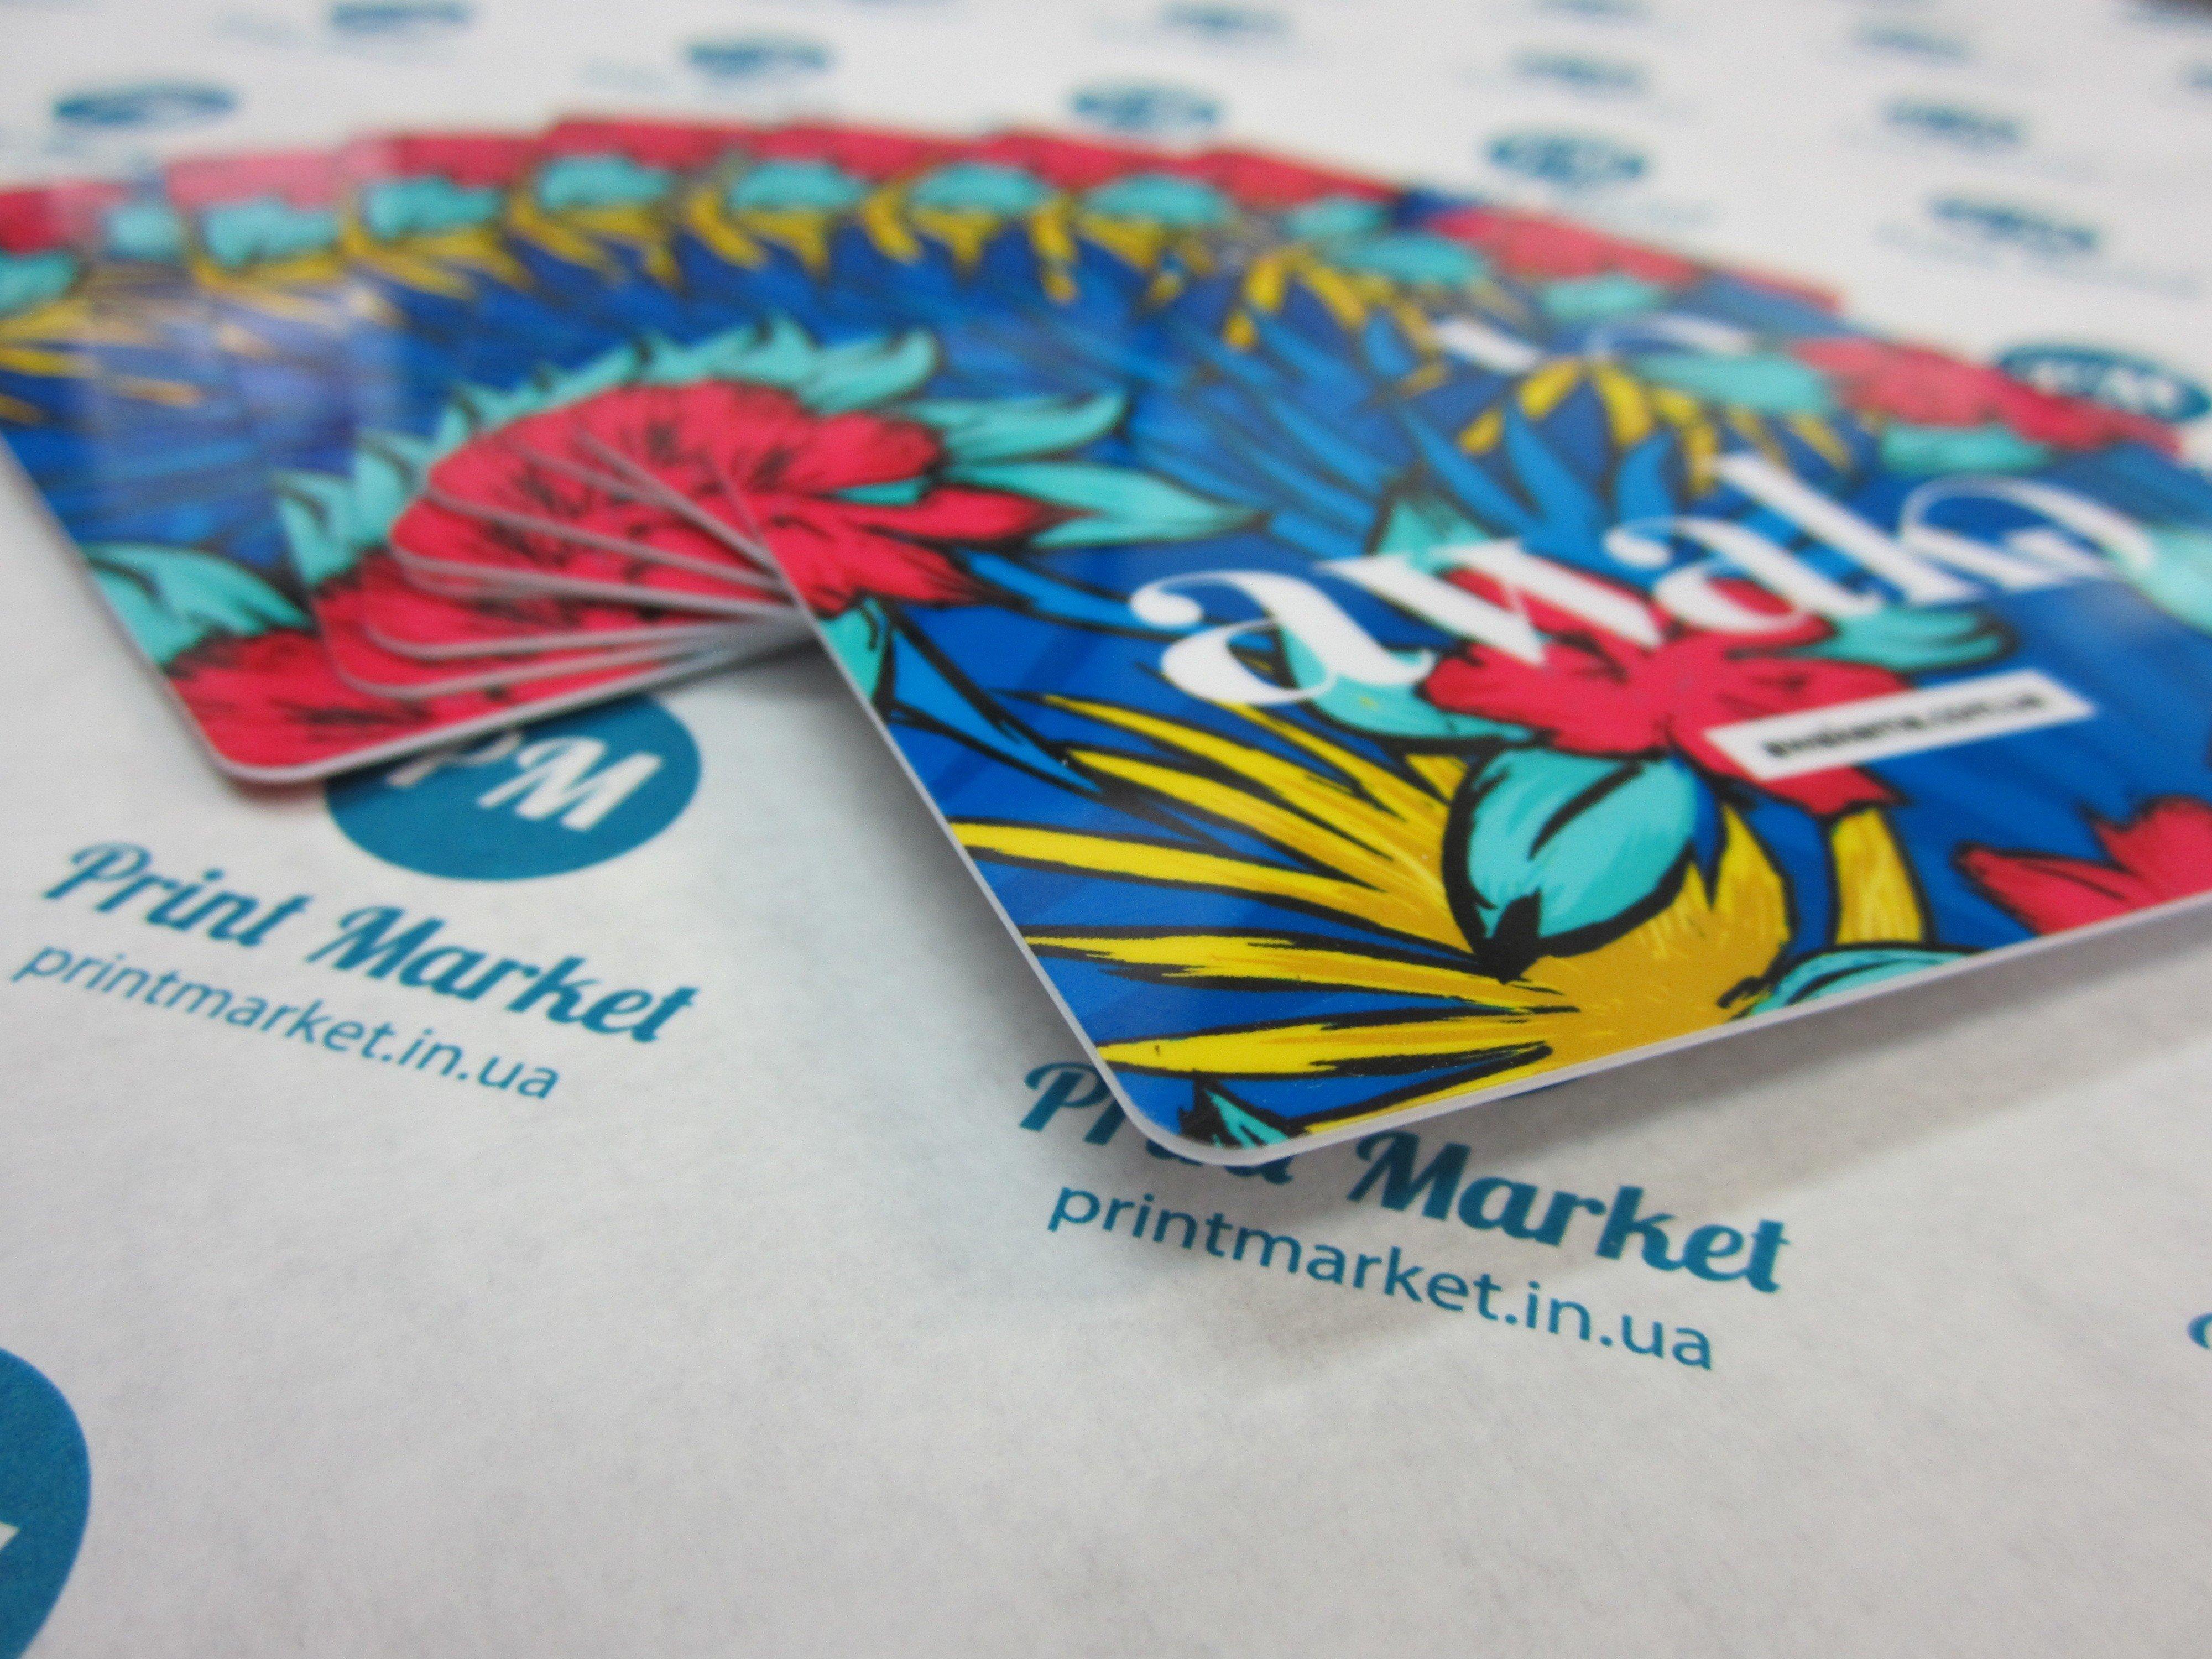 Пластиковые карты - продвигай свой бизнес! 1